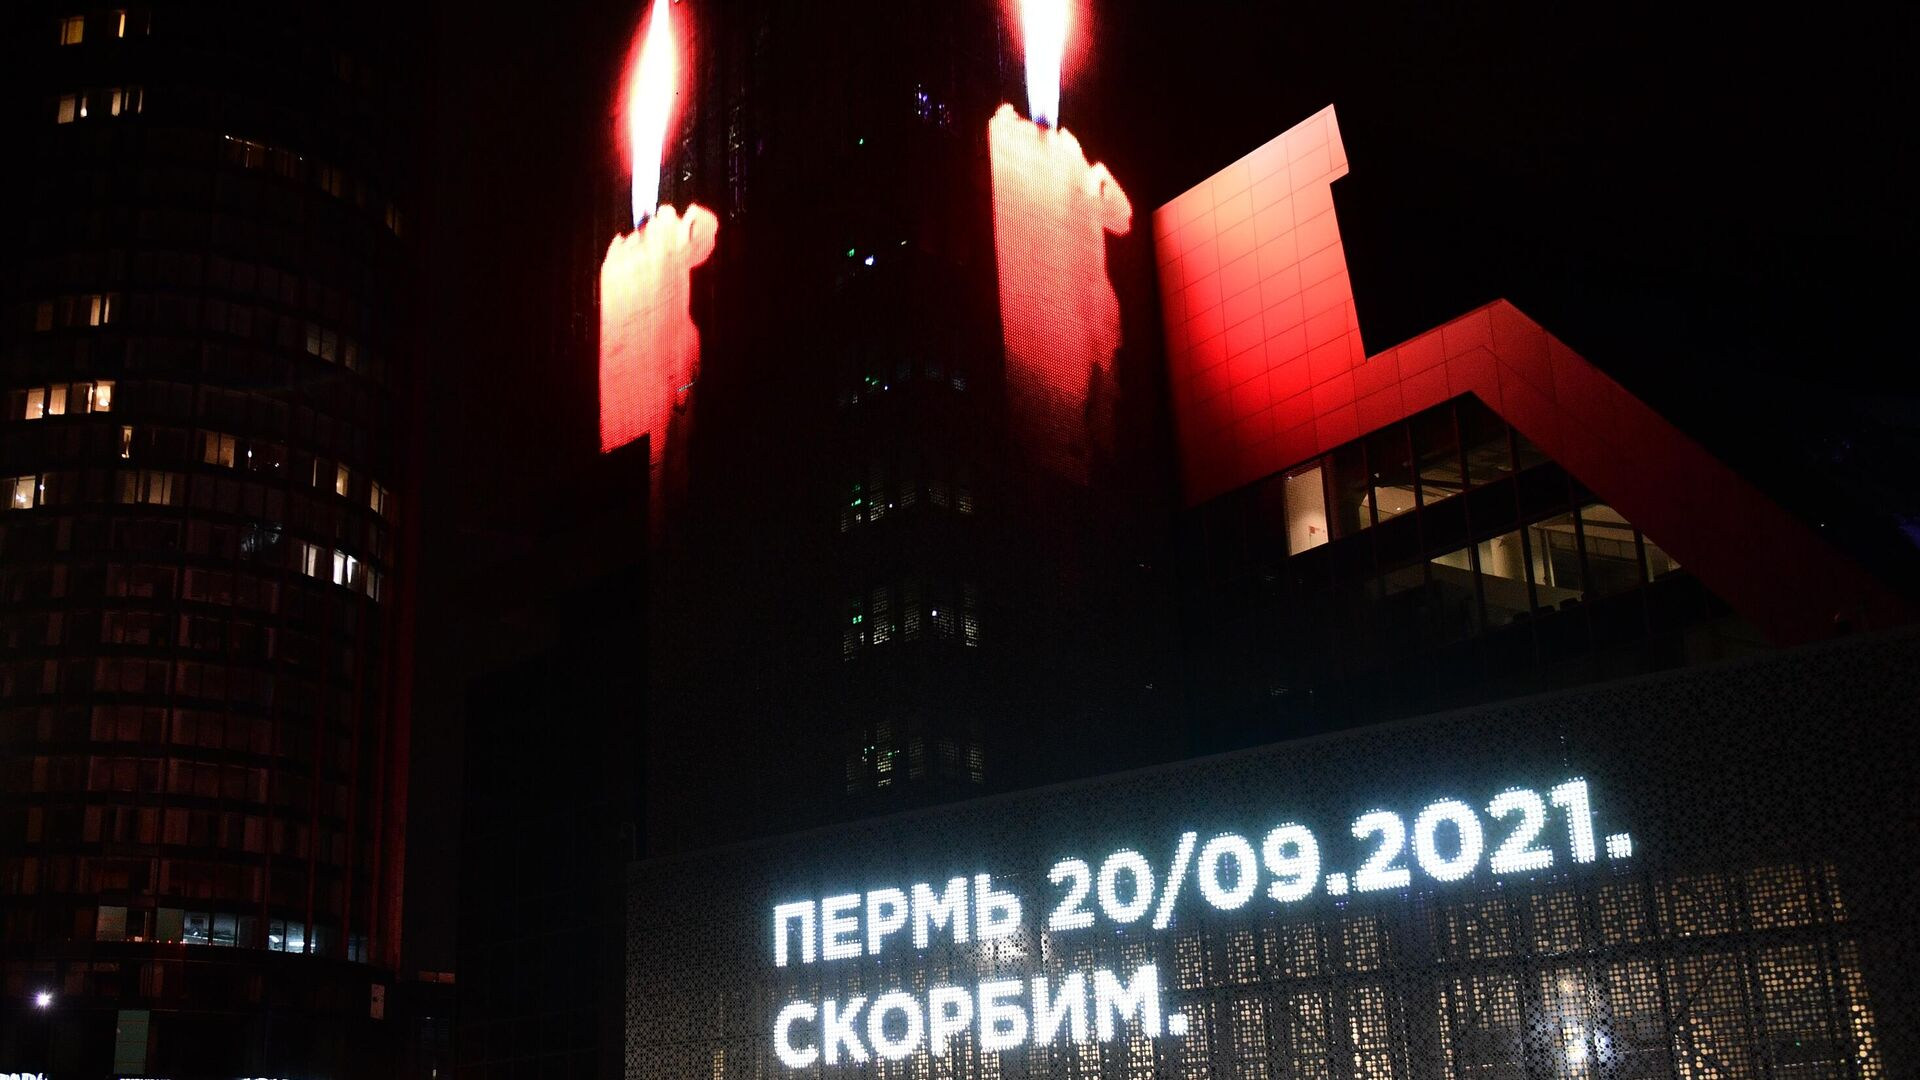 Акция памяти погибших в Перми - Sputnik Армения, 1920, 20.09.2021